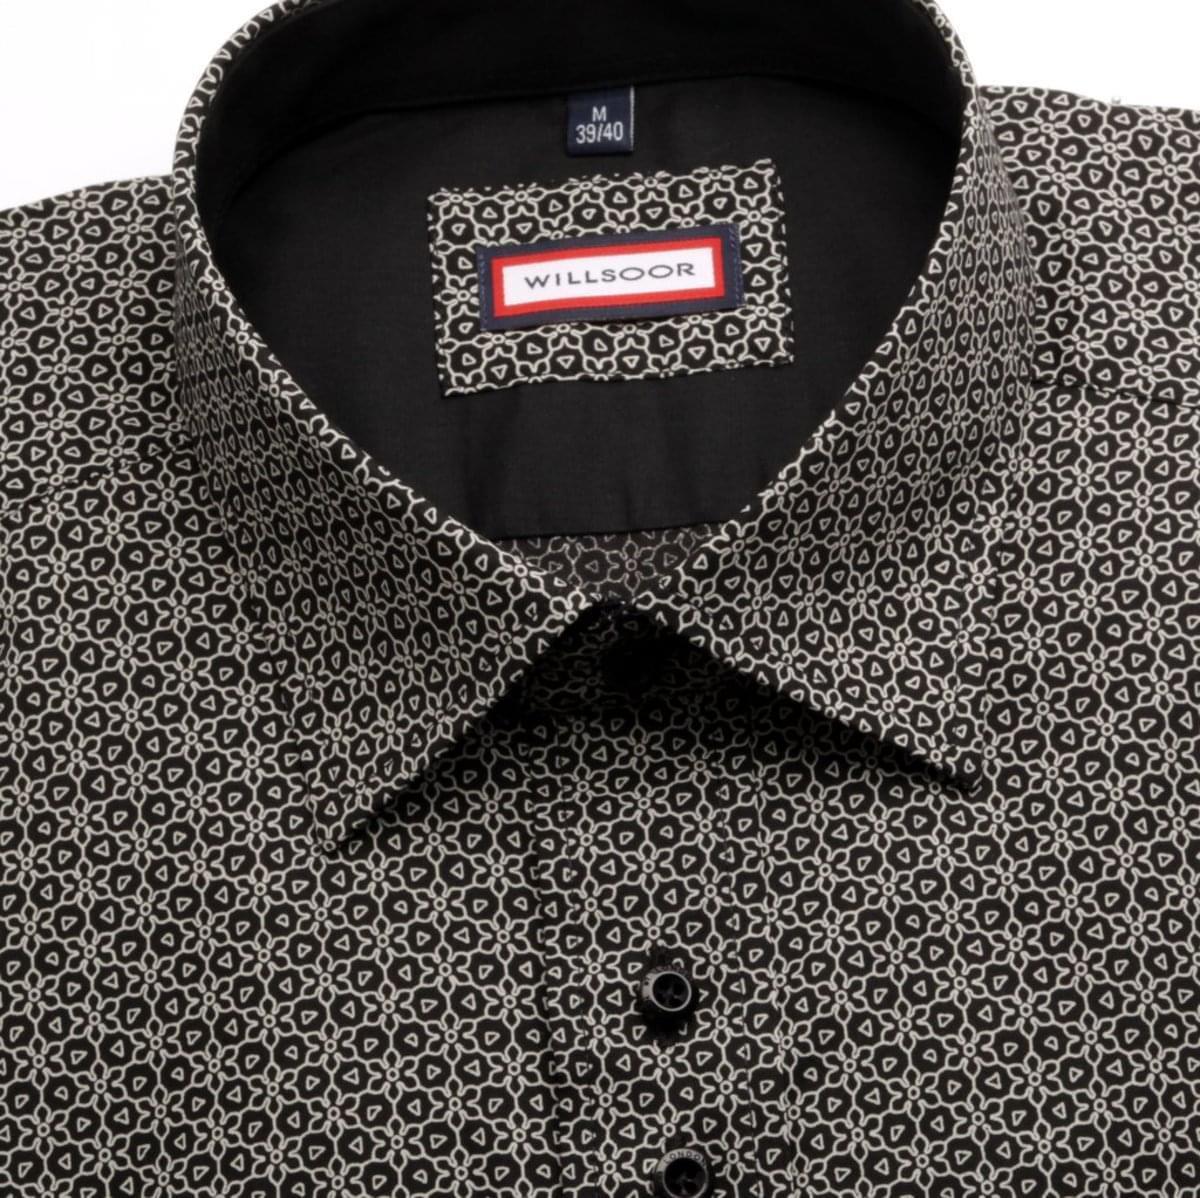 Pánska slim fit košele WR Slim Fit (výška 176-182) 5158 v čierne farbe 176-182 / L (41/42)